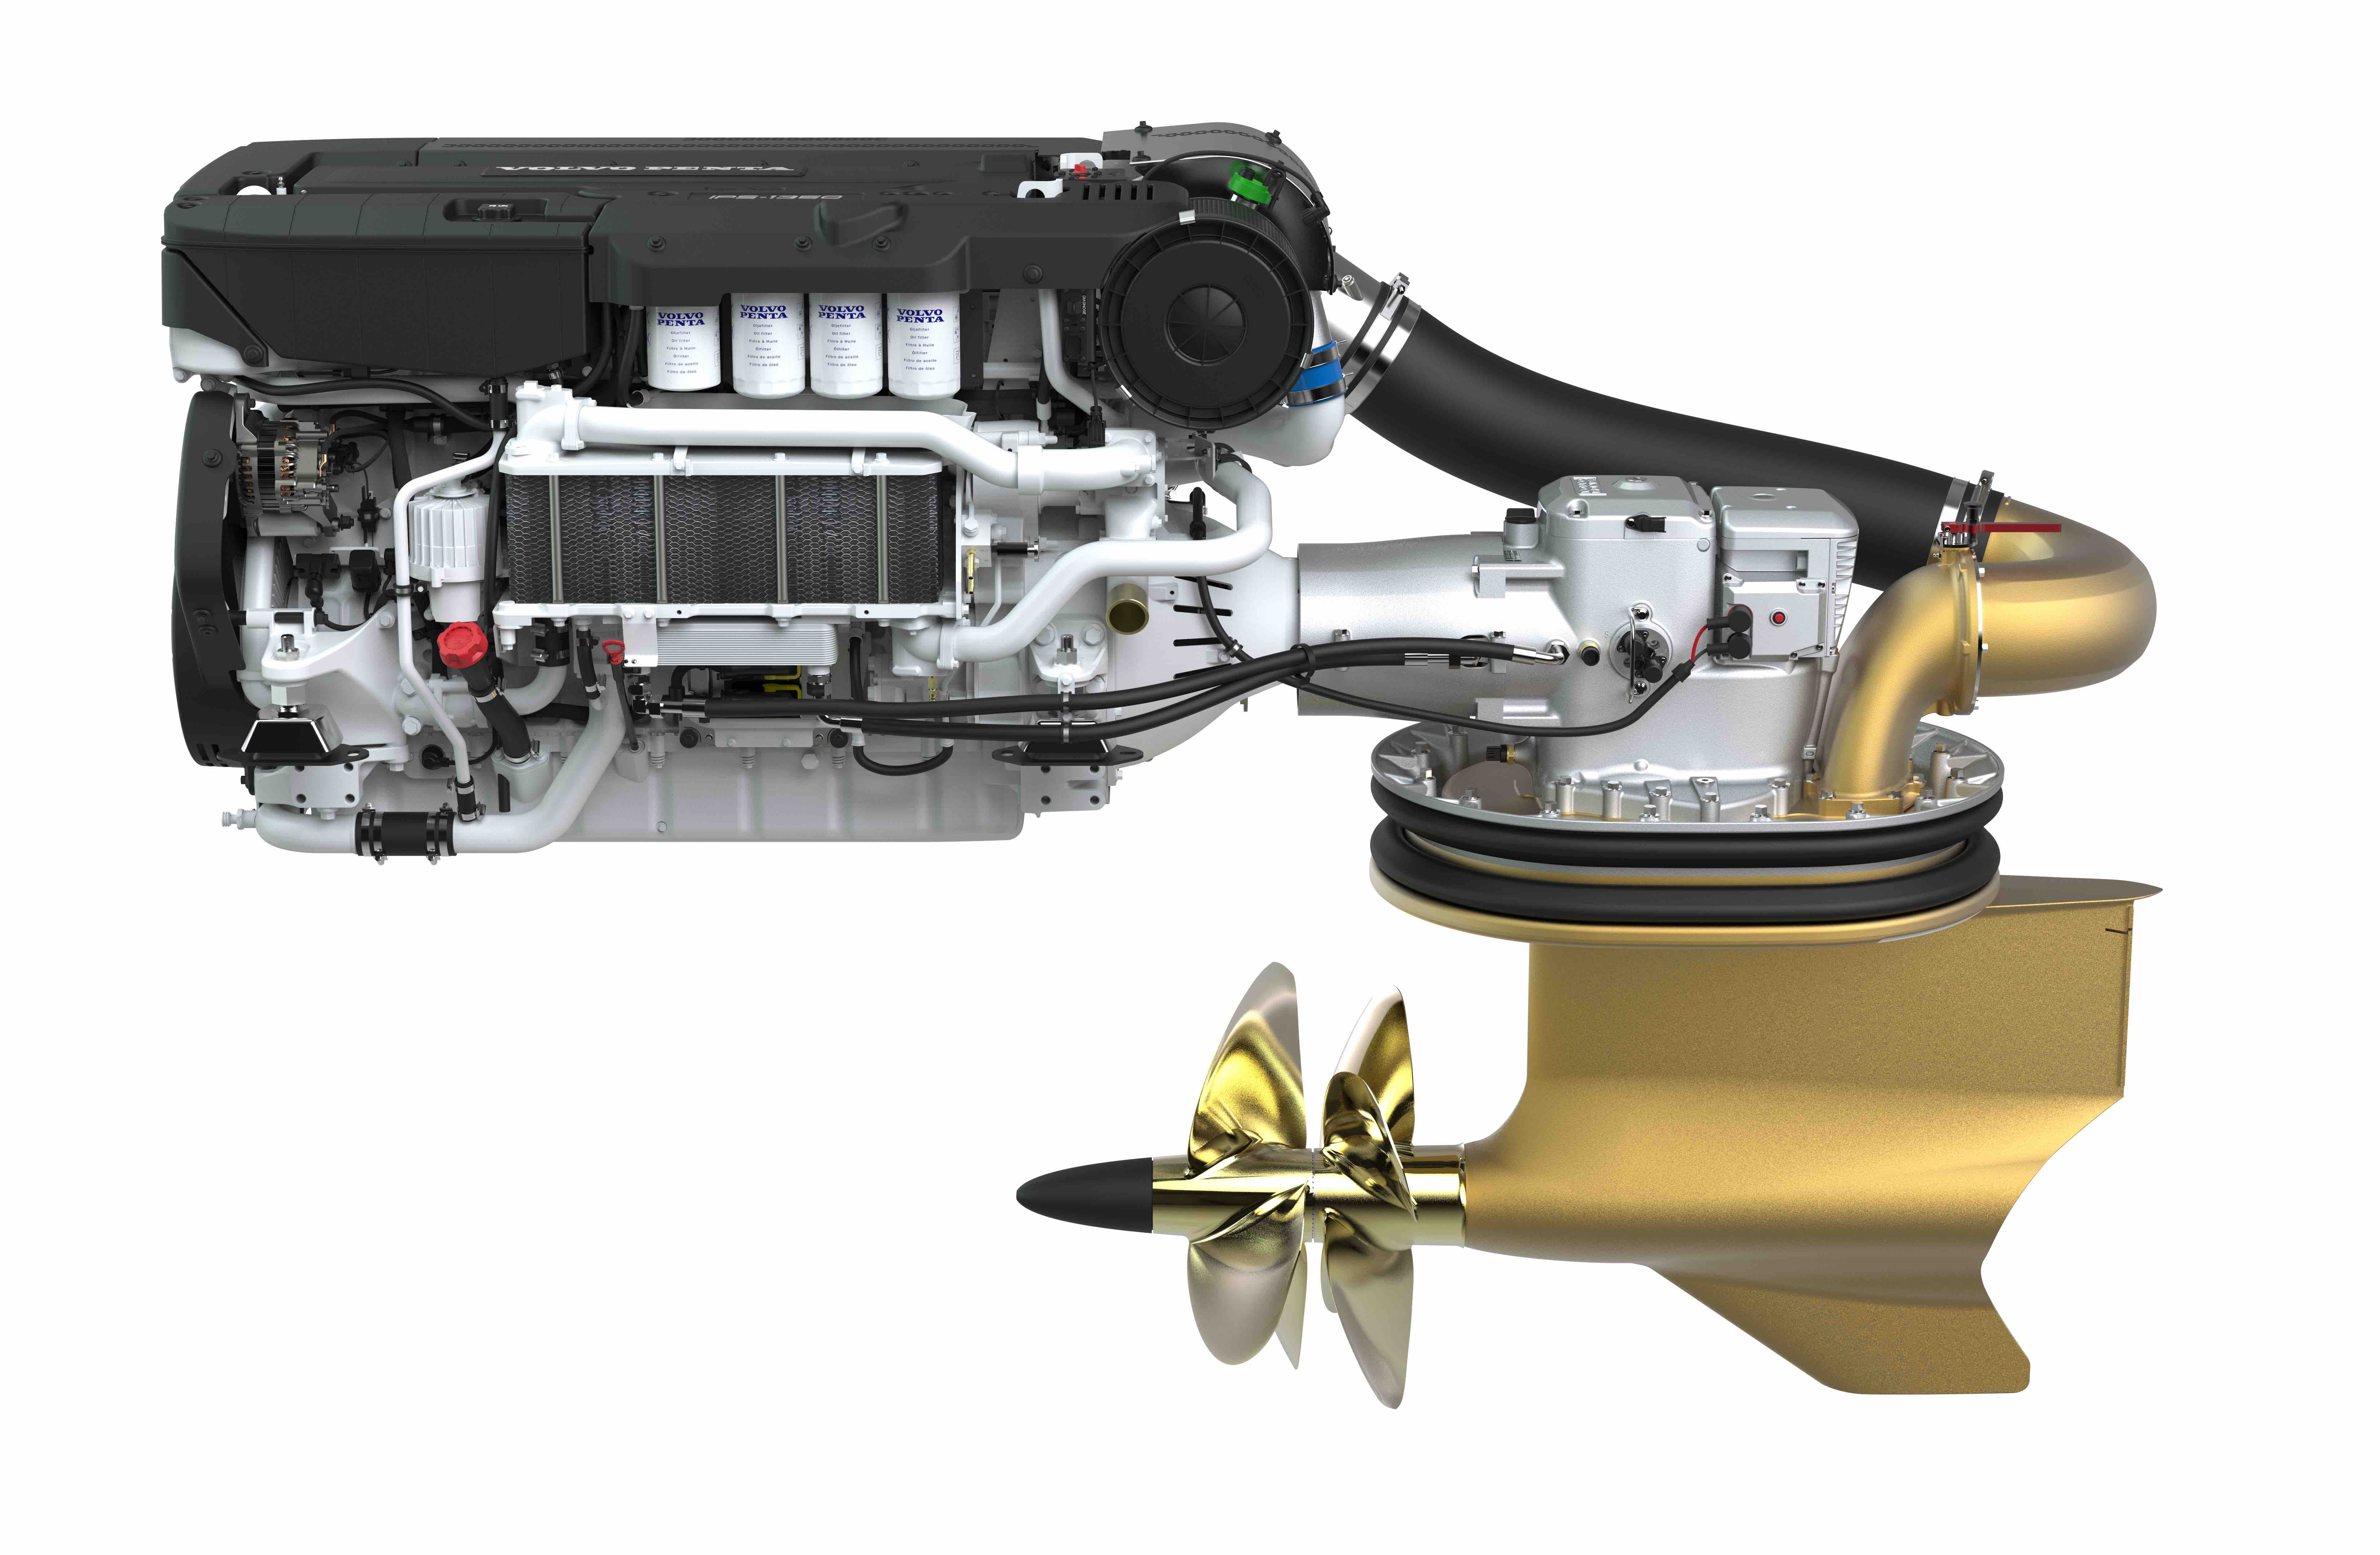 Das neue Antriebspaket Volvo Penta D13-IPS1350